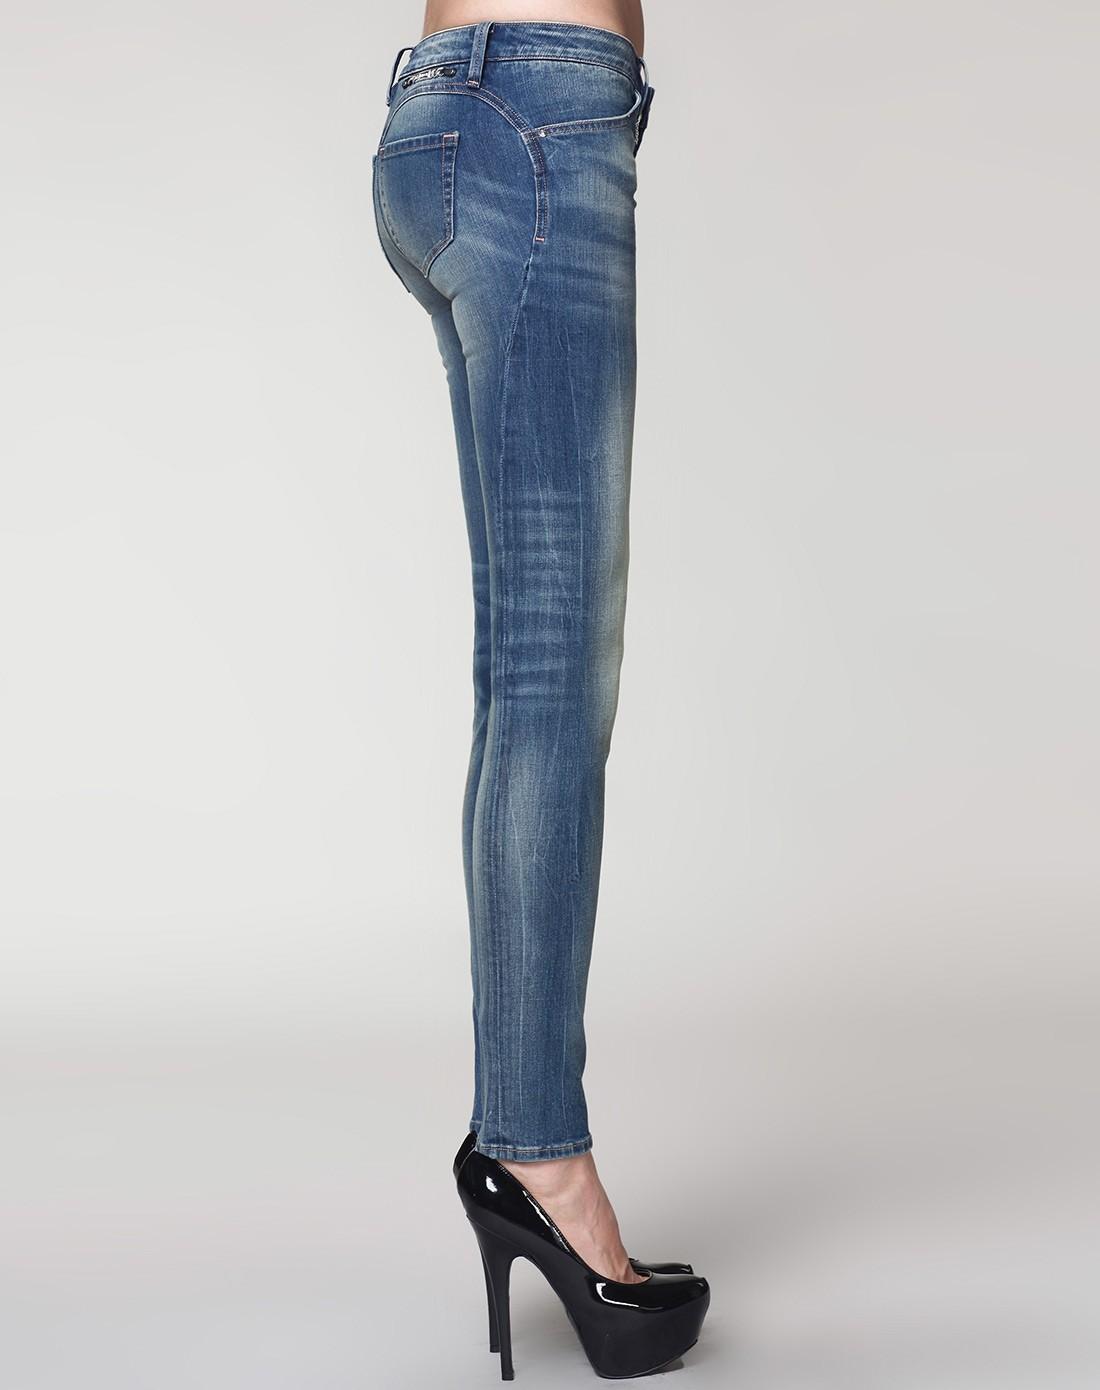 银色系列苹果翘臀棉质小脚牛仔裤